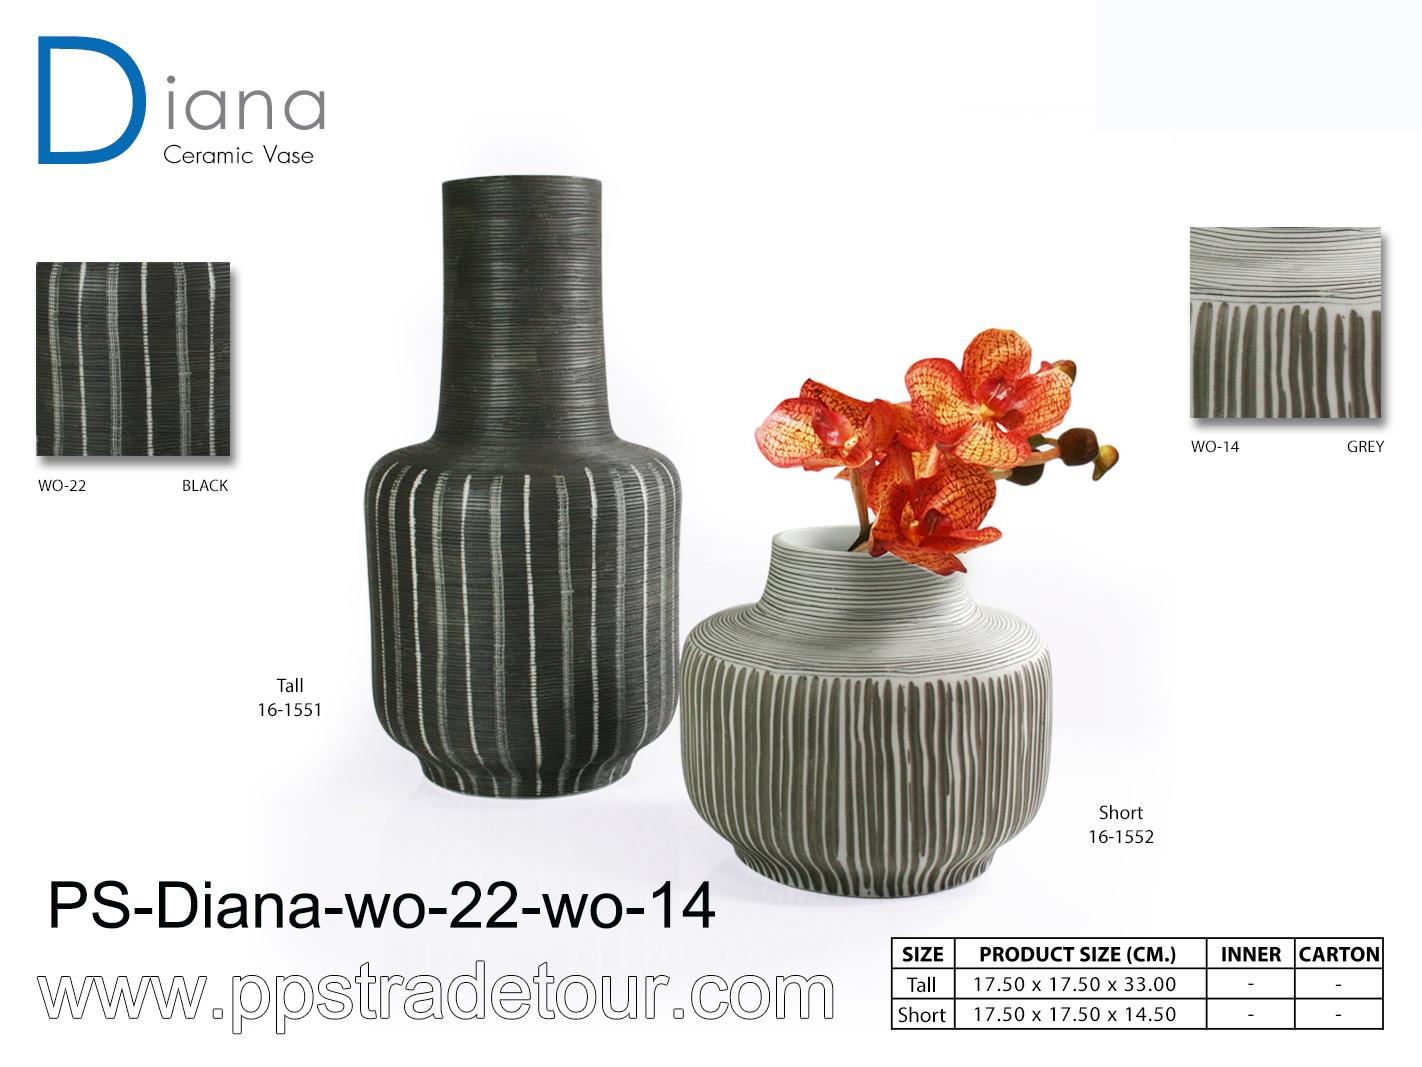 PSCV-Diana-WO-22-WO-14